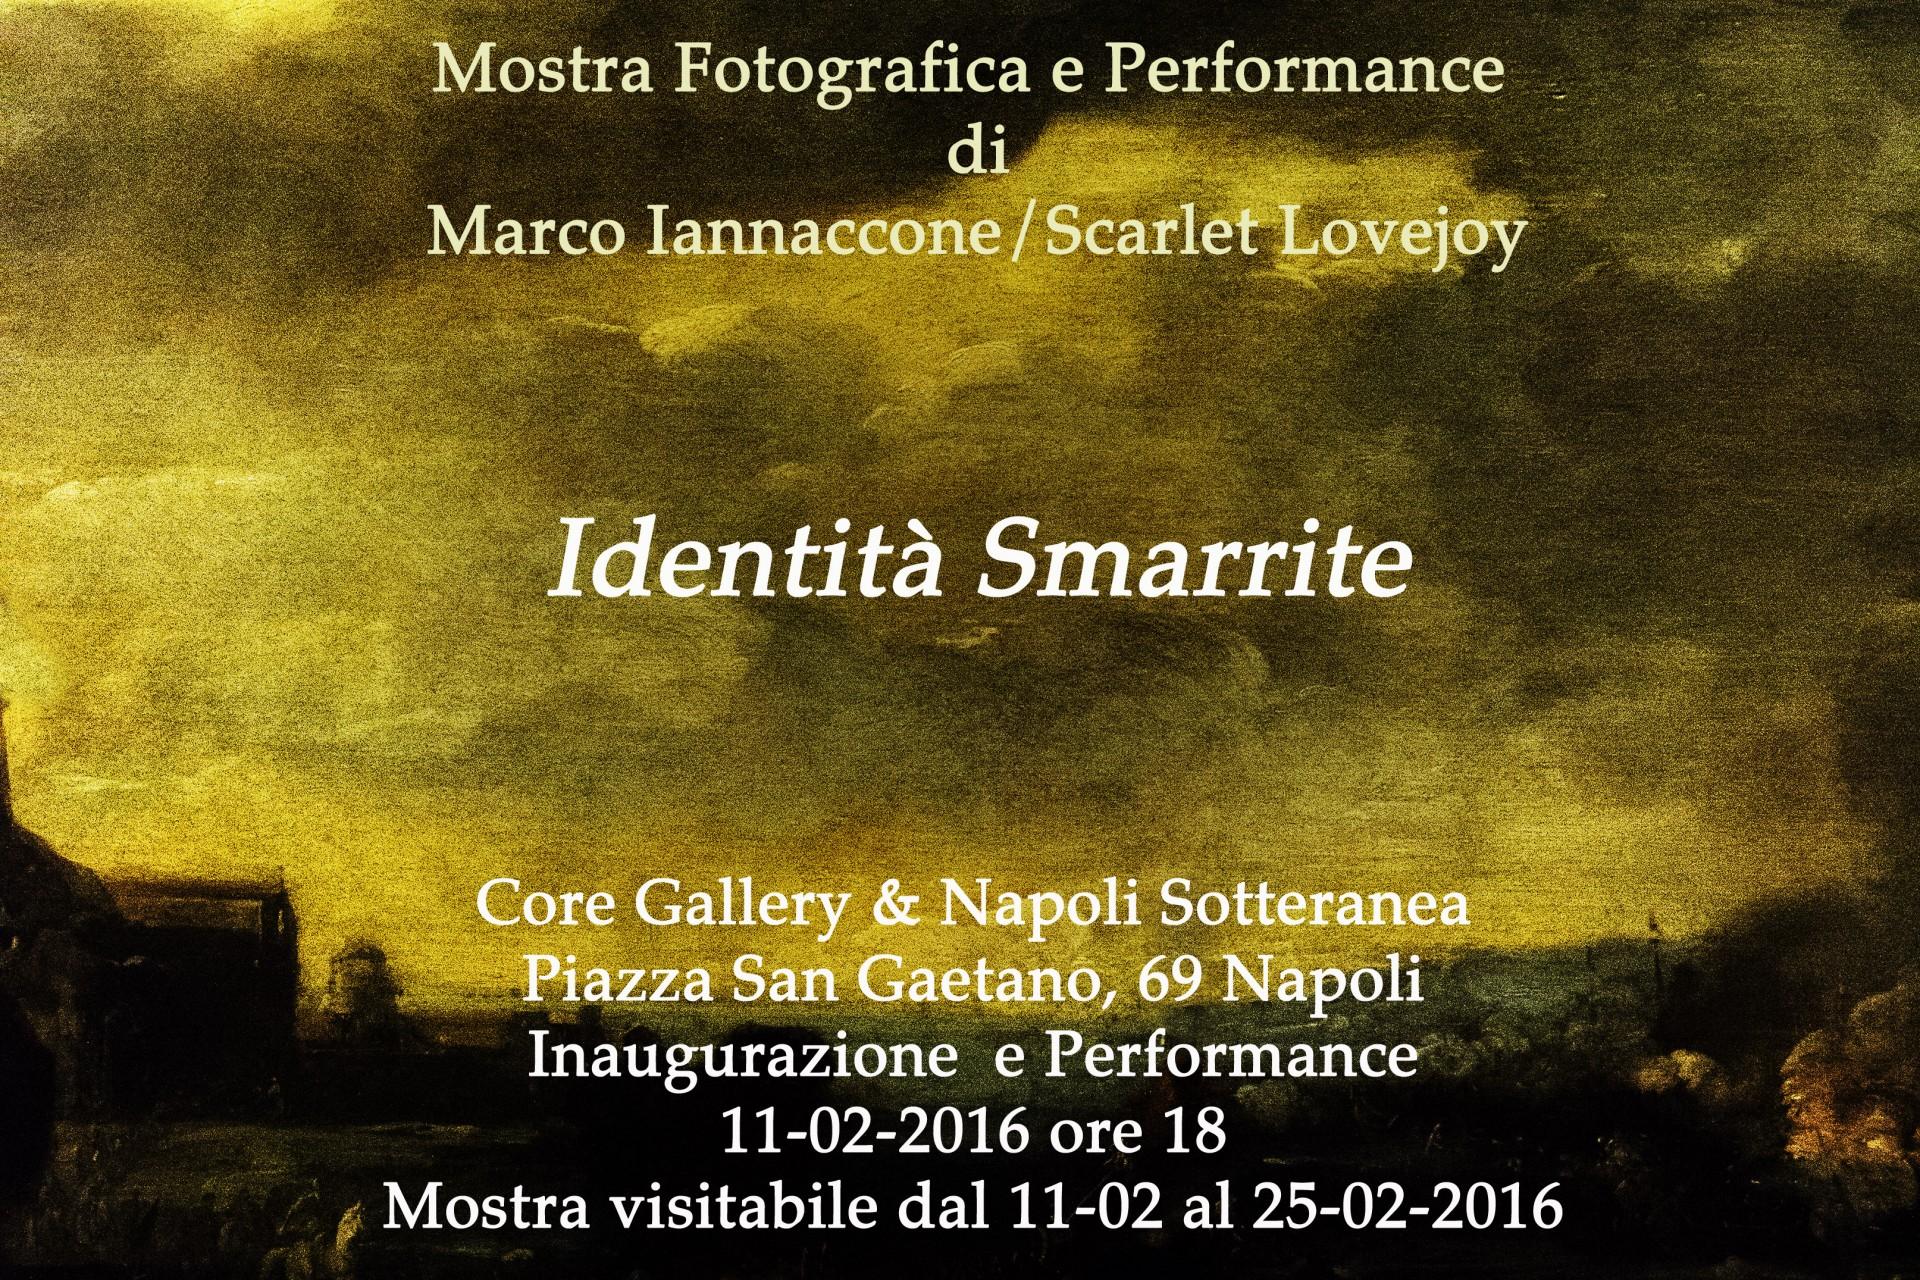 Marco Iannaccone / Scarlet Lovejoy